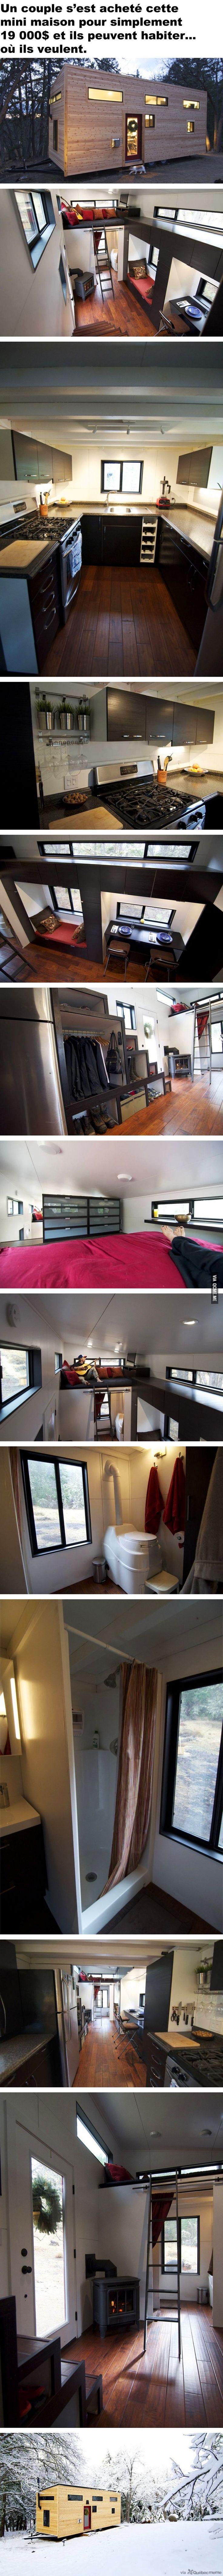 1000 idées sur le thème vivre dans une mini maison sur pinterest ...